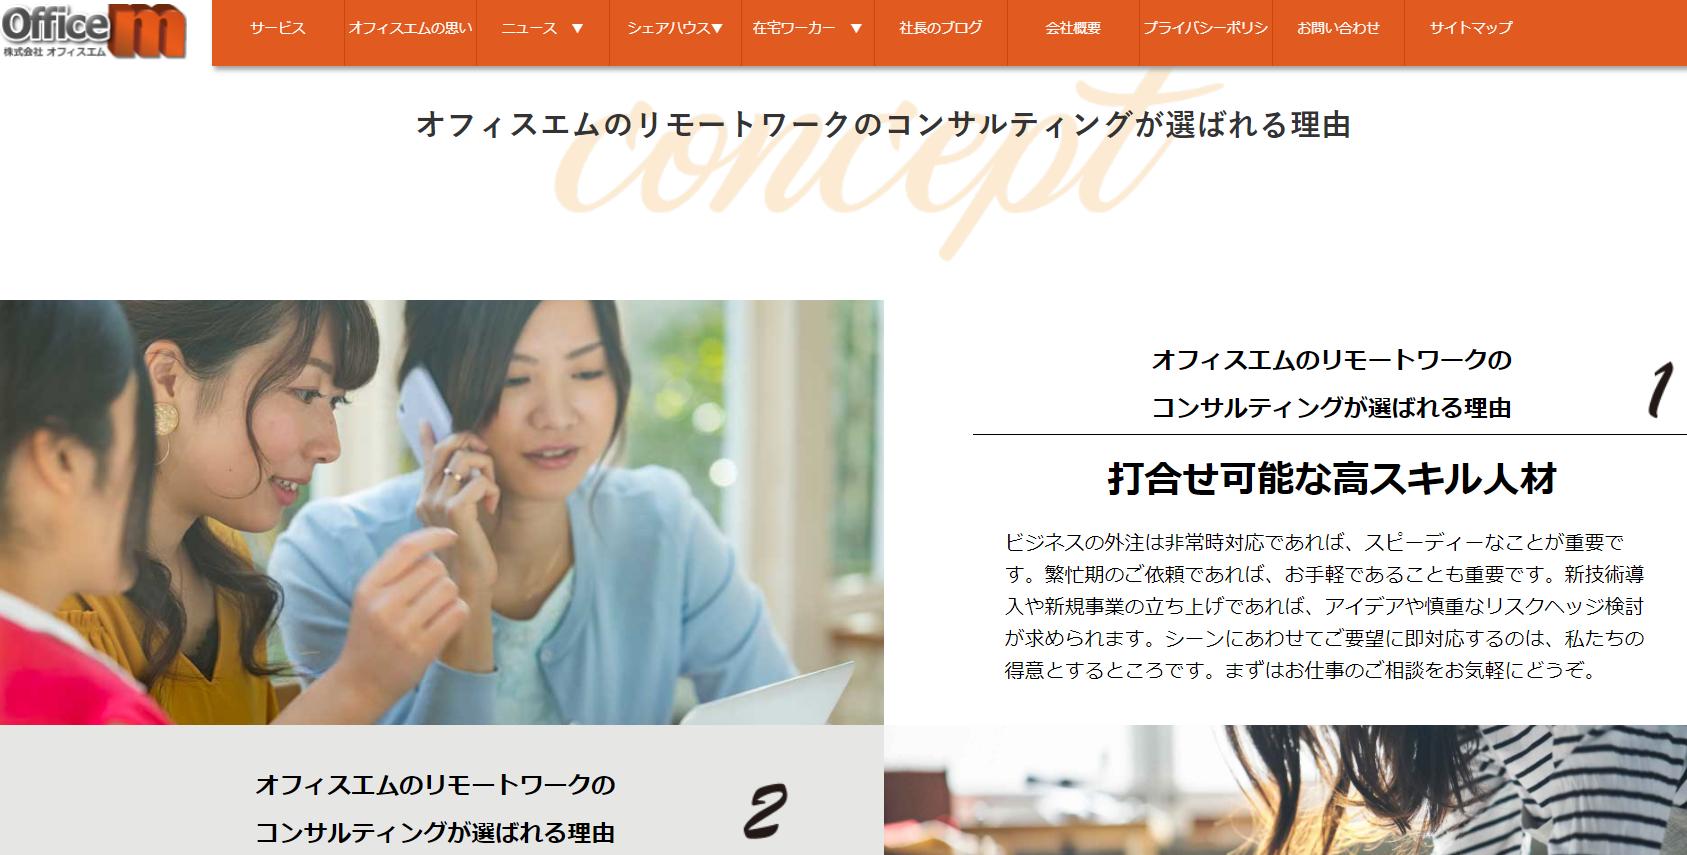 オフィスエムのホームページ